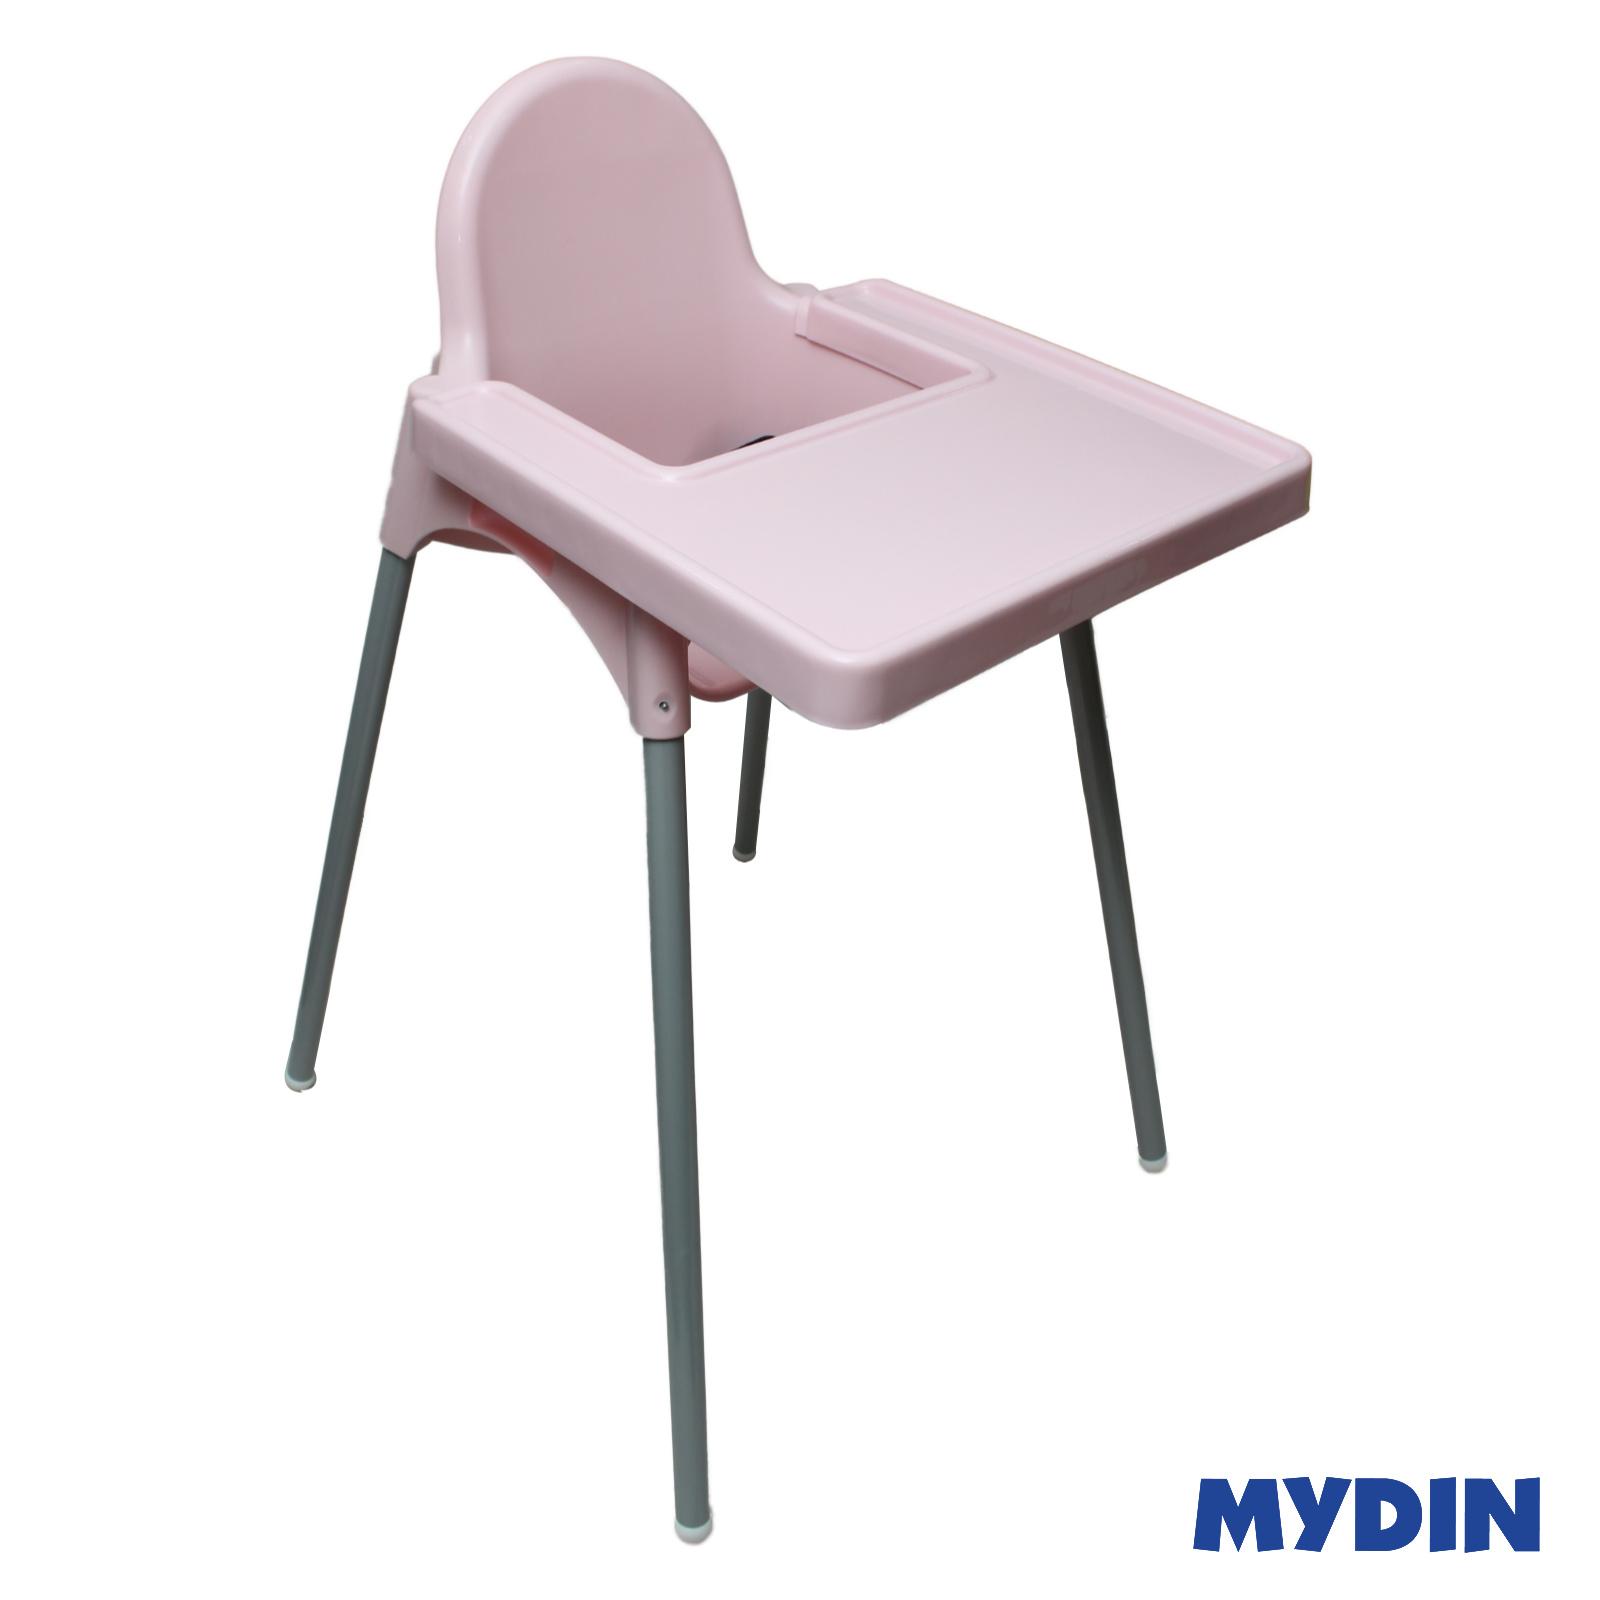 MYBB Portable Baby Feeding Dining Chair Pink 0820YW-HE02B